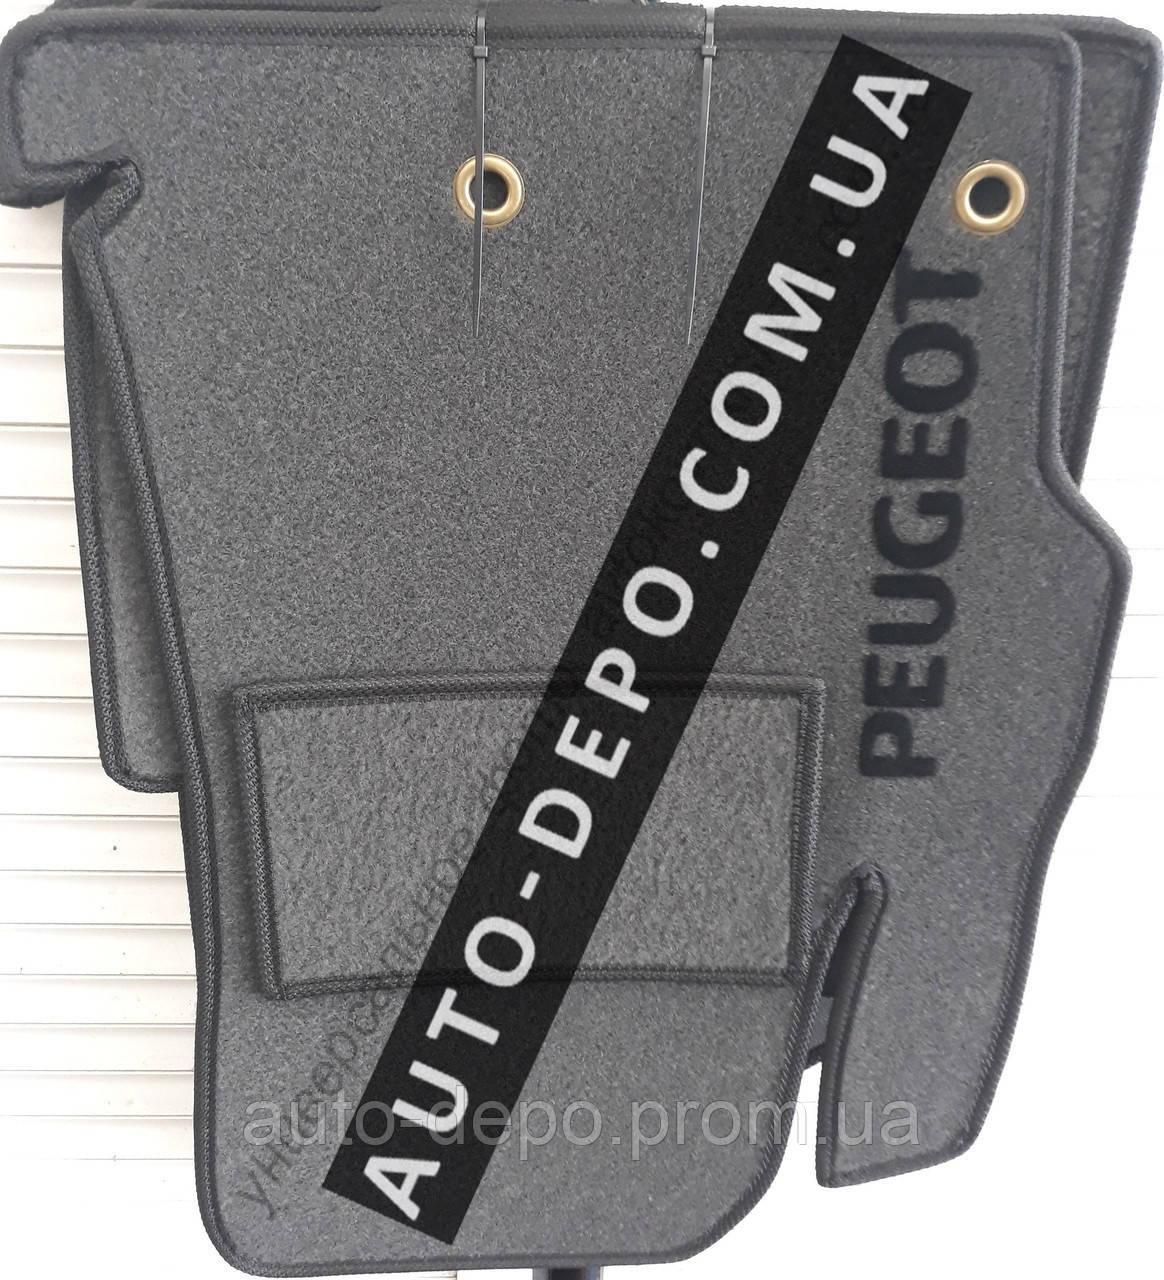 Ворсовые коврики салона Peugeot 107 2005- VIP ЛЮКС АВТО-ВОРС